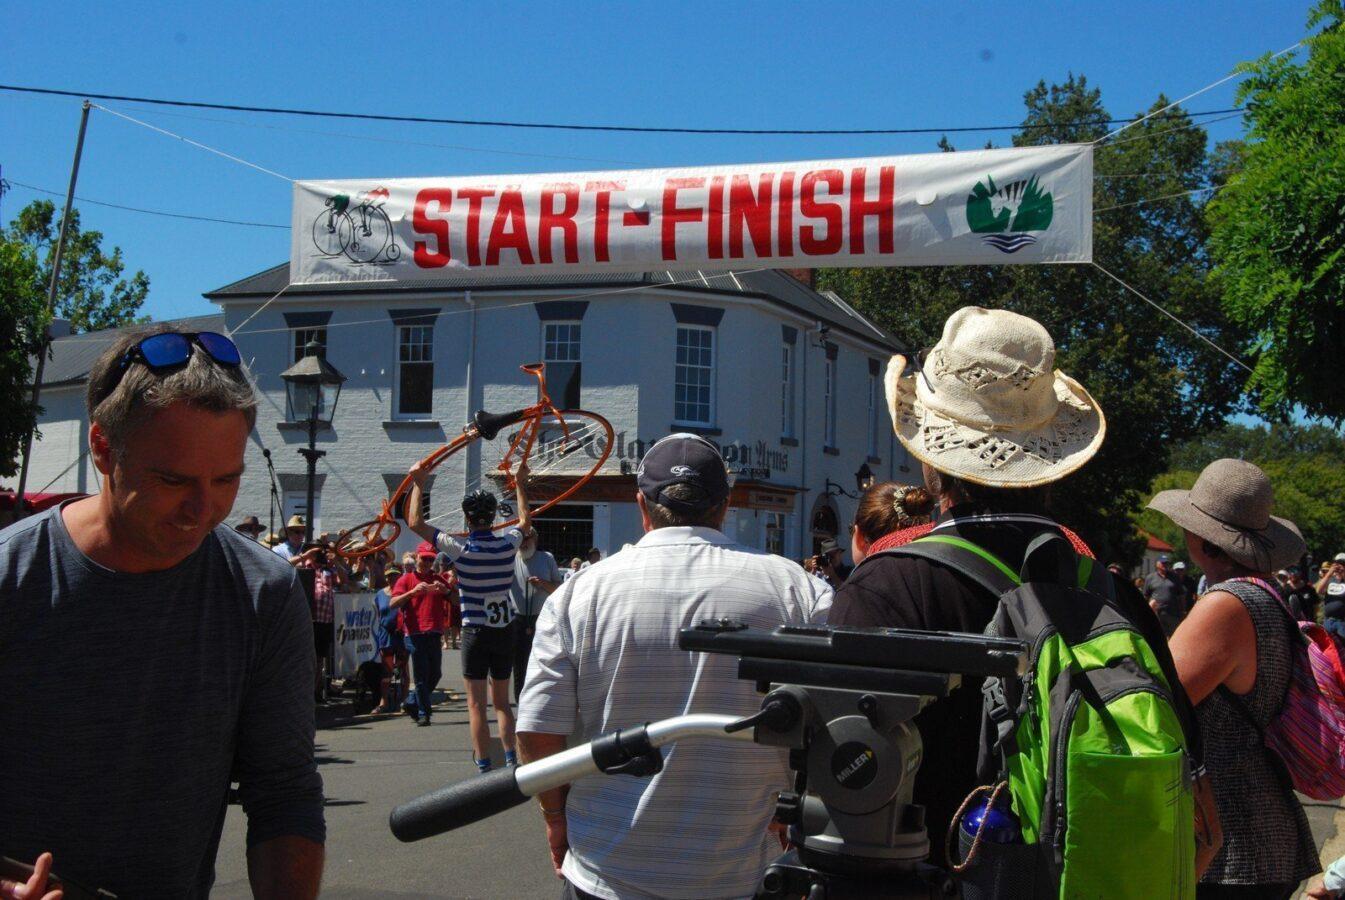 The Men's Winner holding his bike aloft